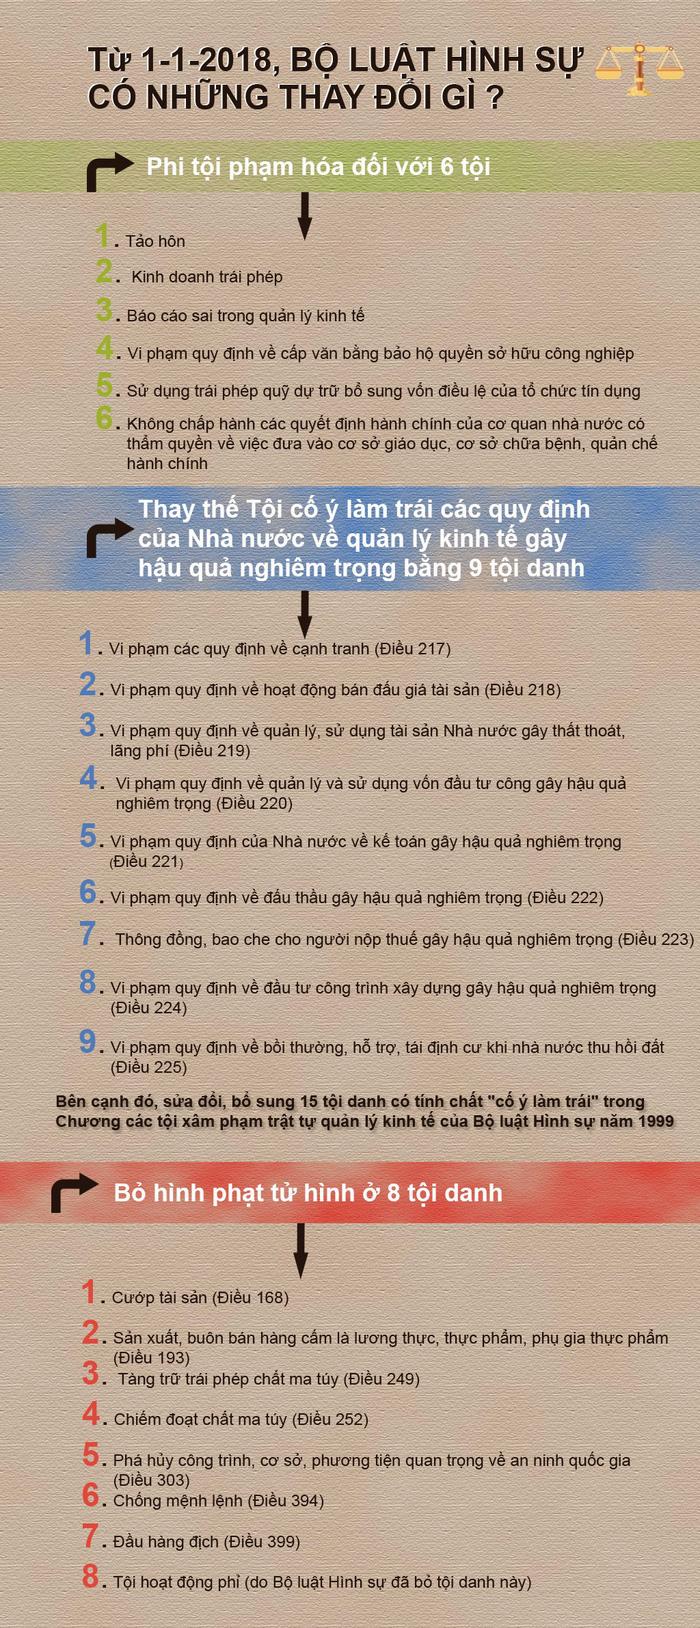 8 tội danh không còn hình phạt tử hình từ 1-1-2018 - Ảnh 1.